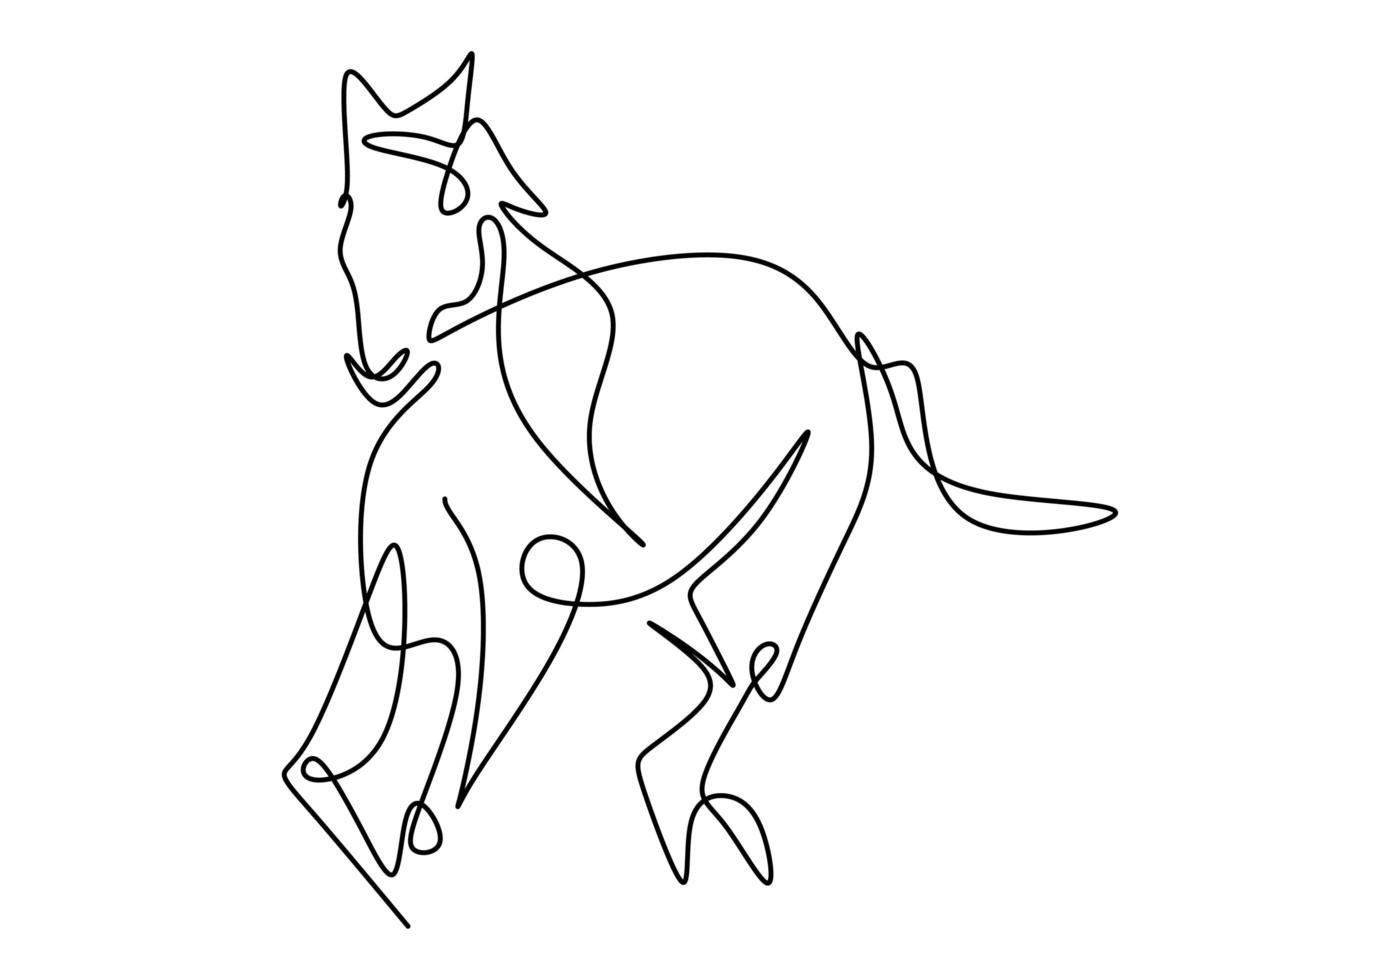 een enkele lijntekening van de identiteit van het bedrijfslogo van het elegantie paard. lopend paard. pony paard zoogdier dier symbool concept. continu een regel enkele vector